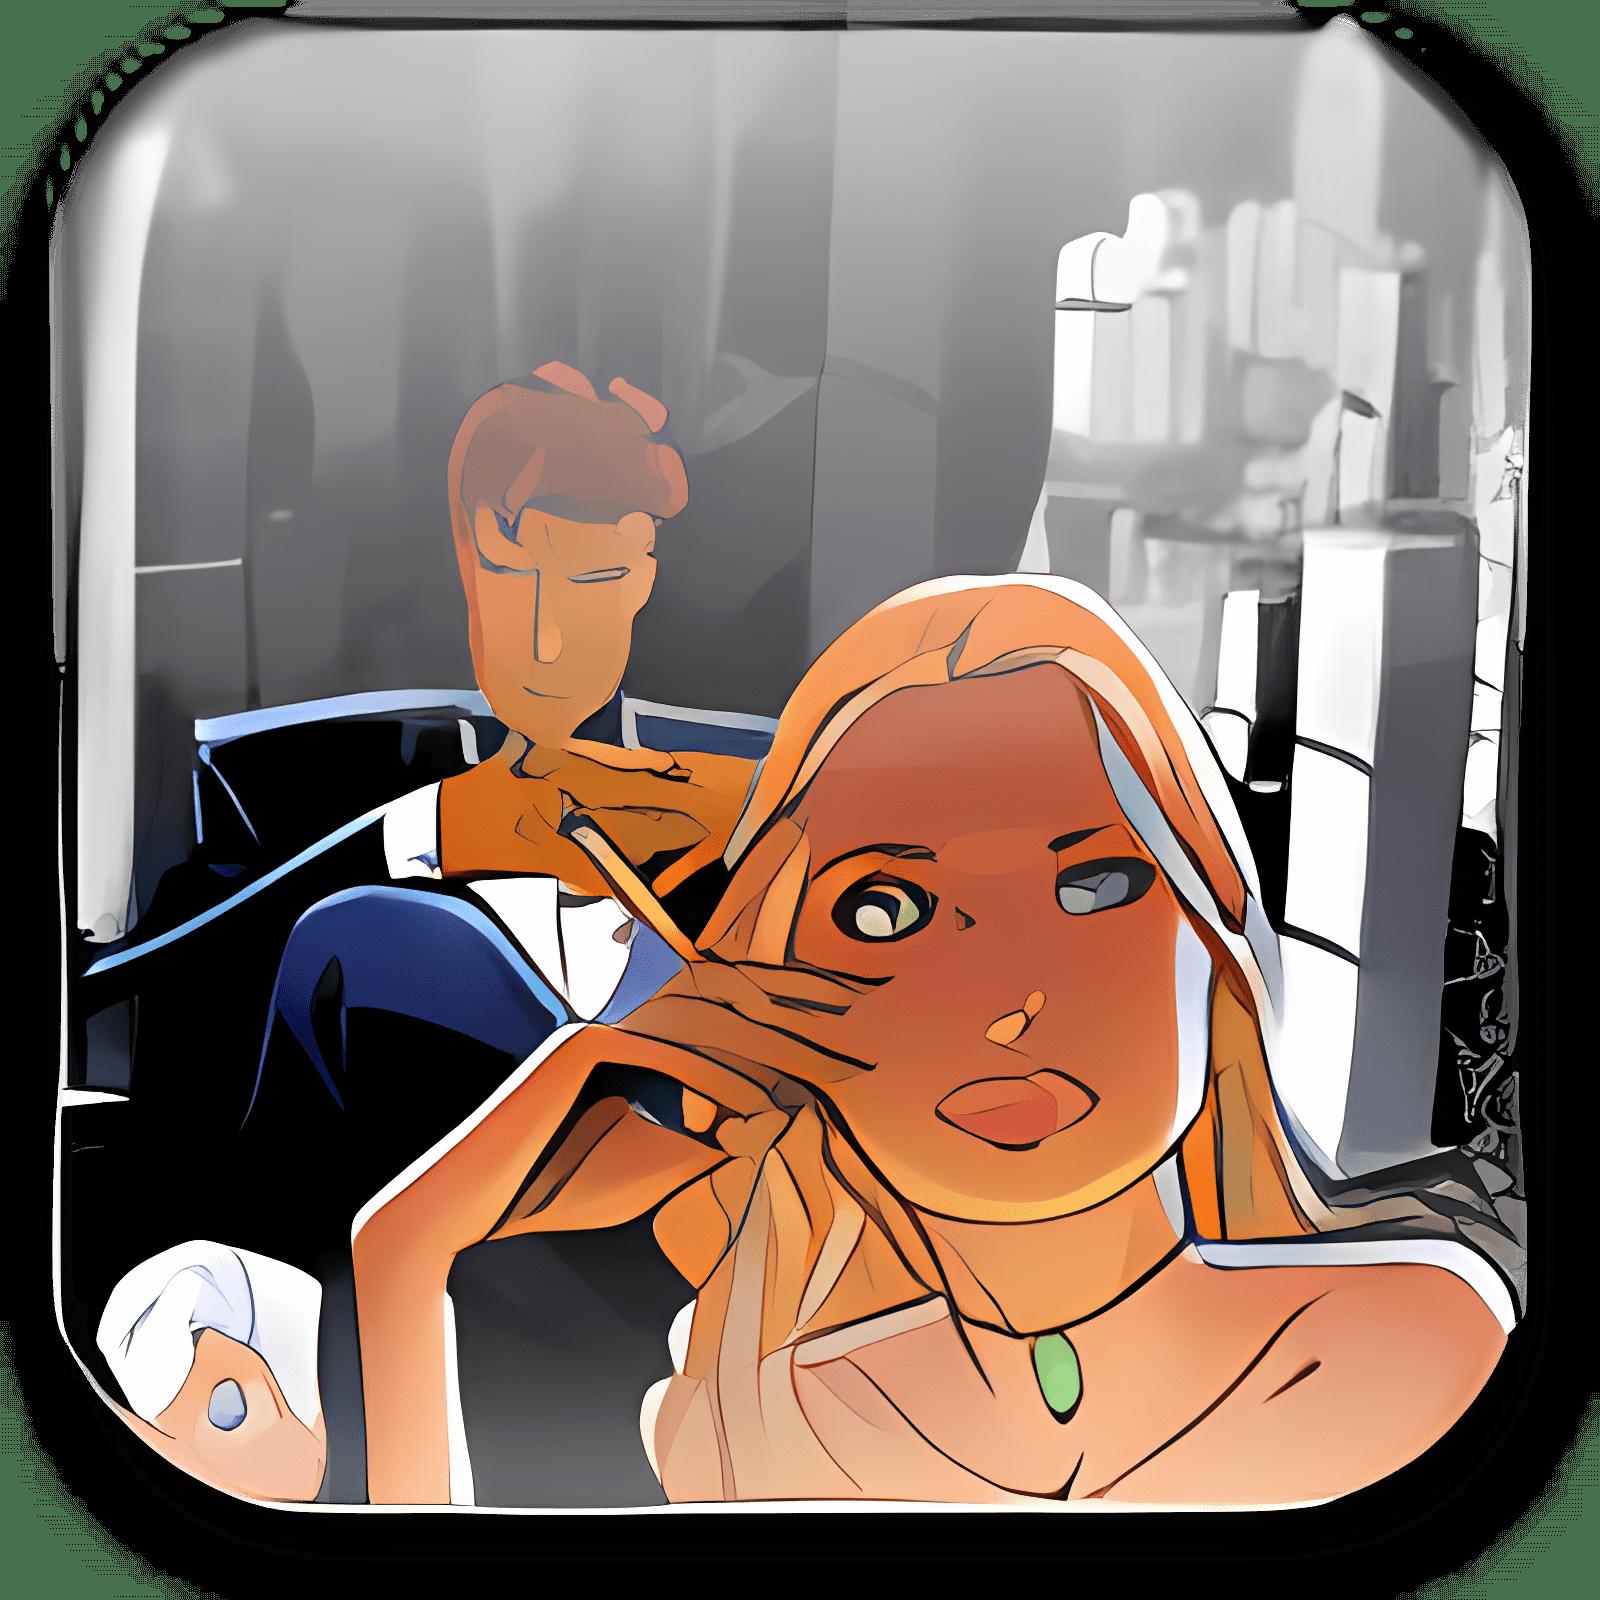 Fond d'écran Largo Winch - Le jeu (2)